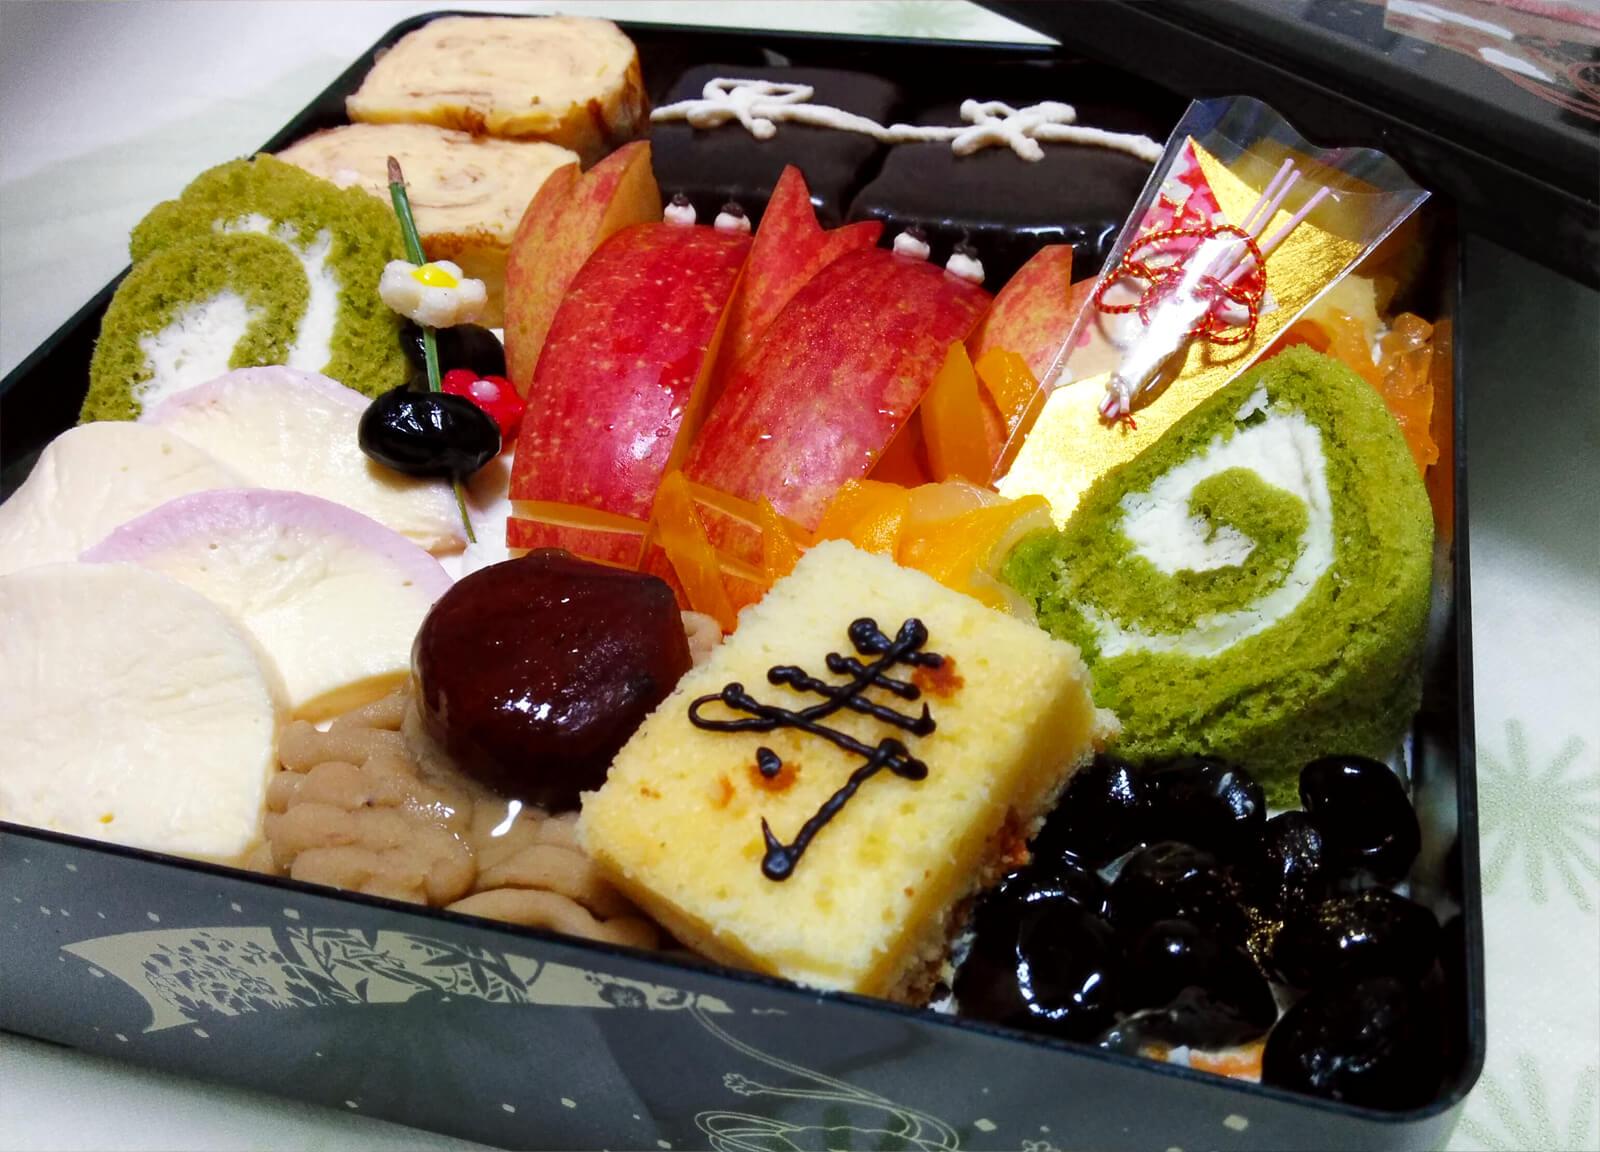 ケーキと果物のお節料理